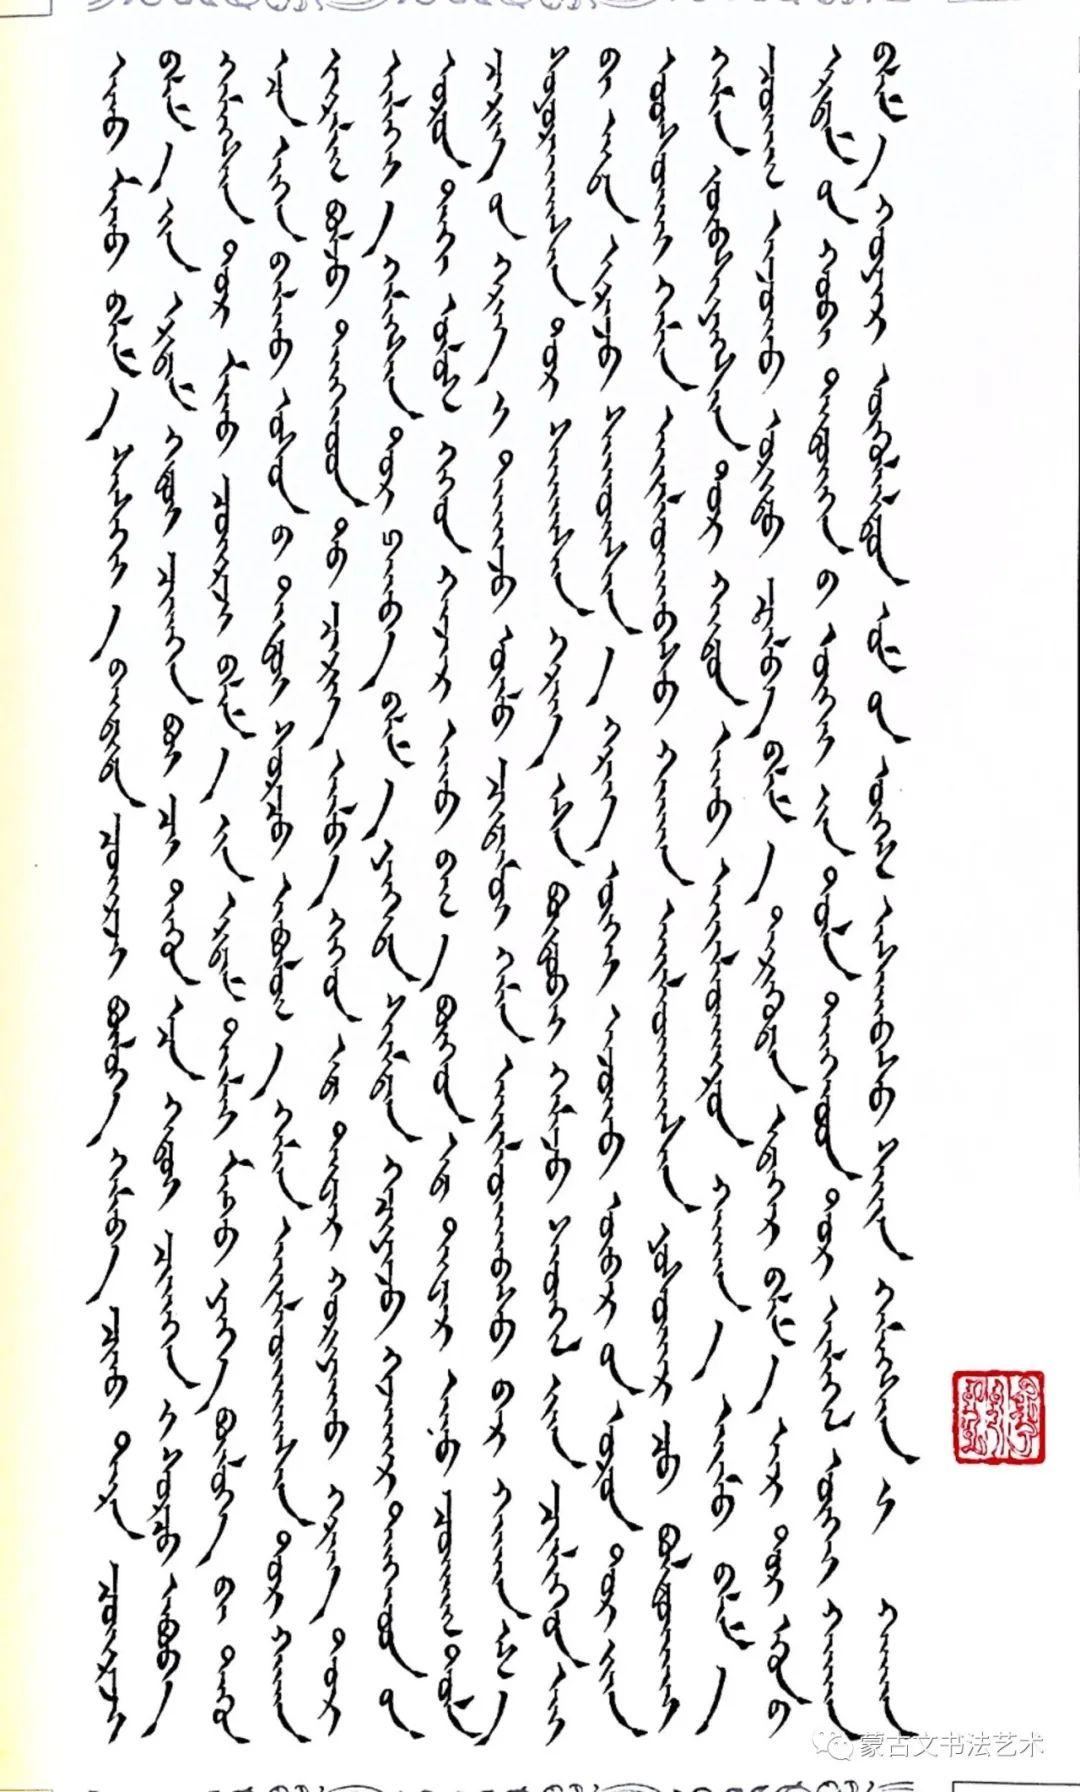 孟克德力格尔楷书著作《八思巴传》 第6张